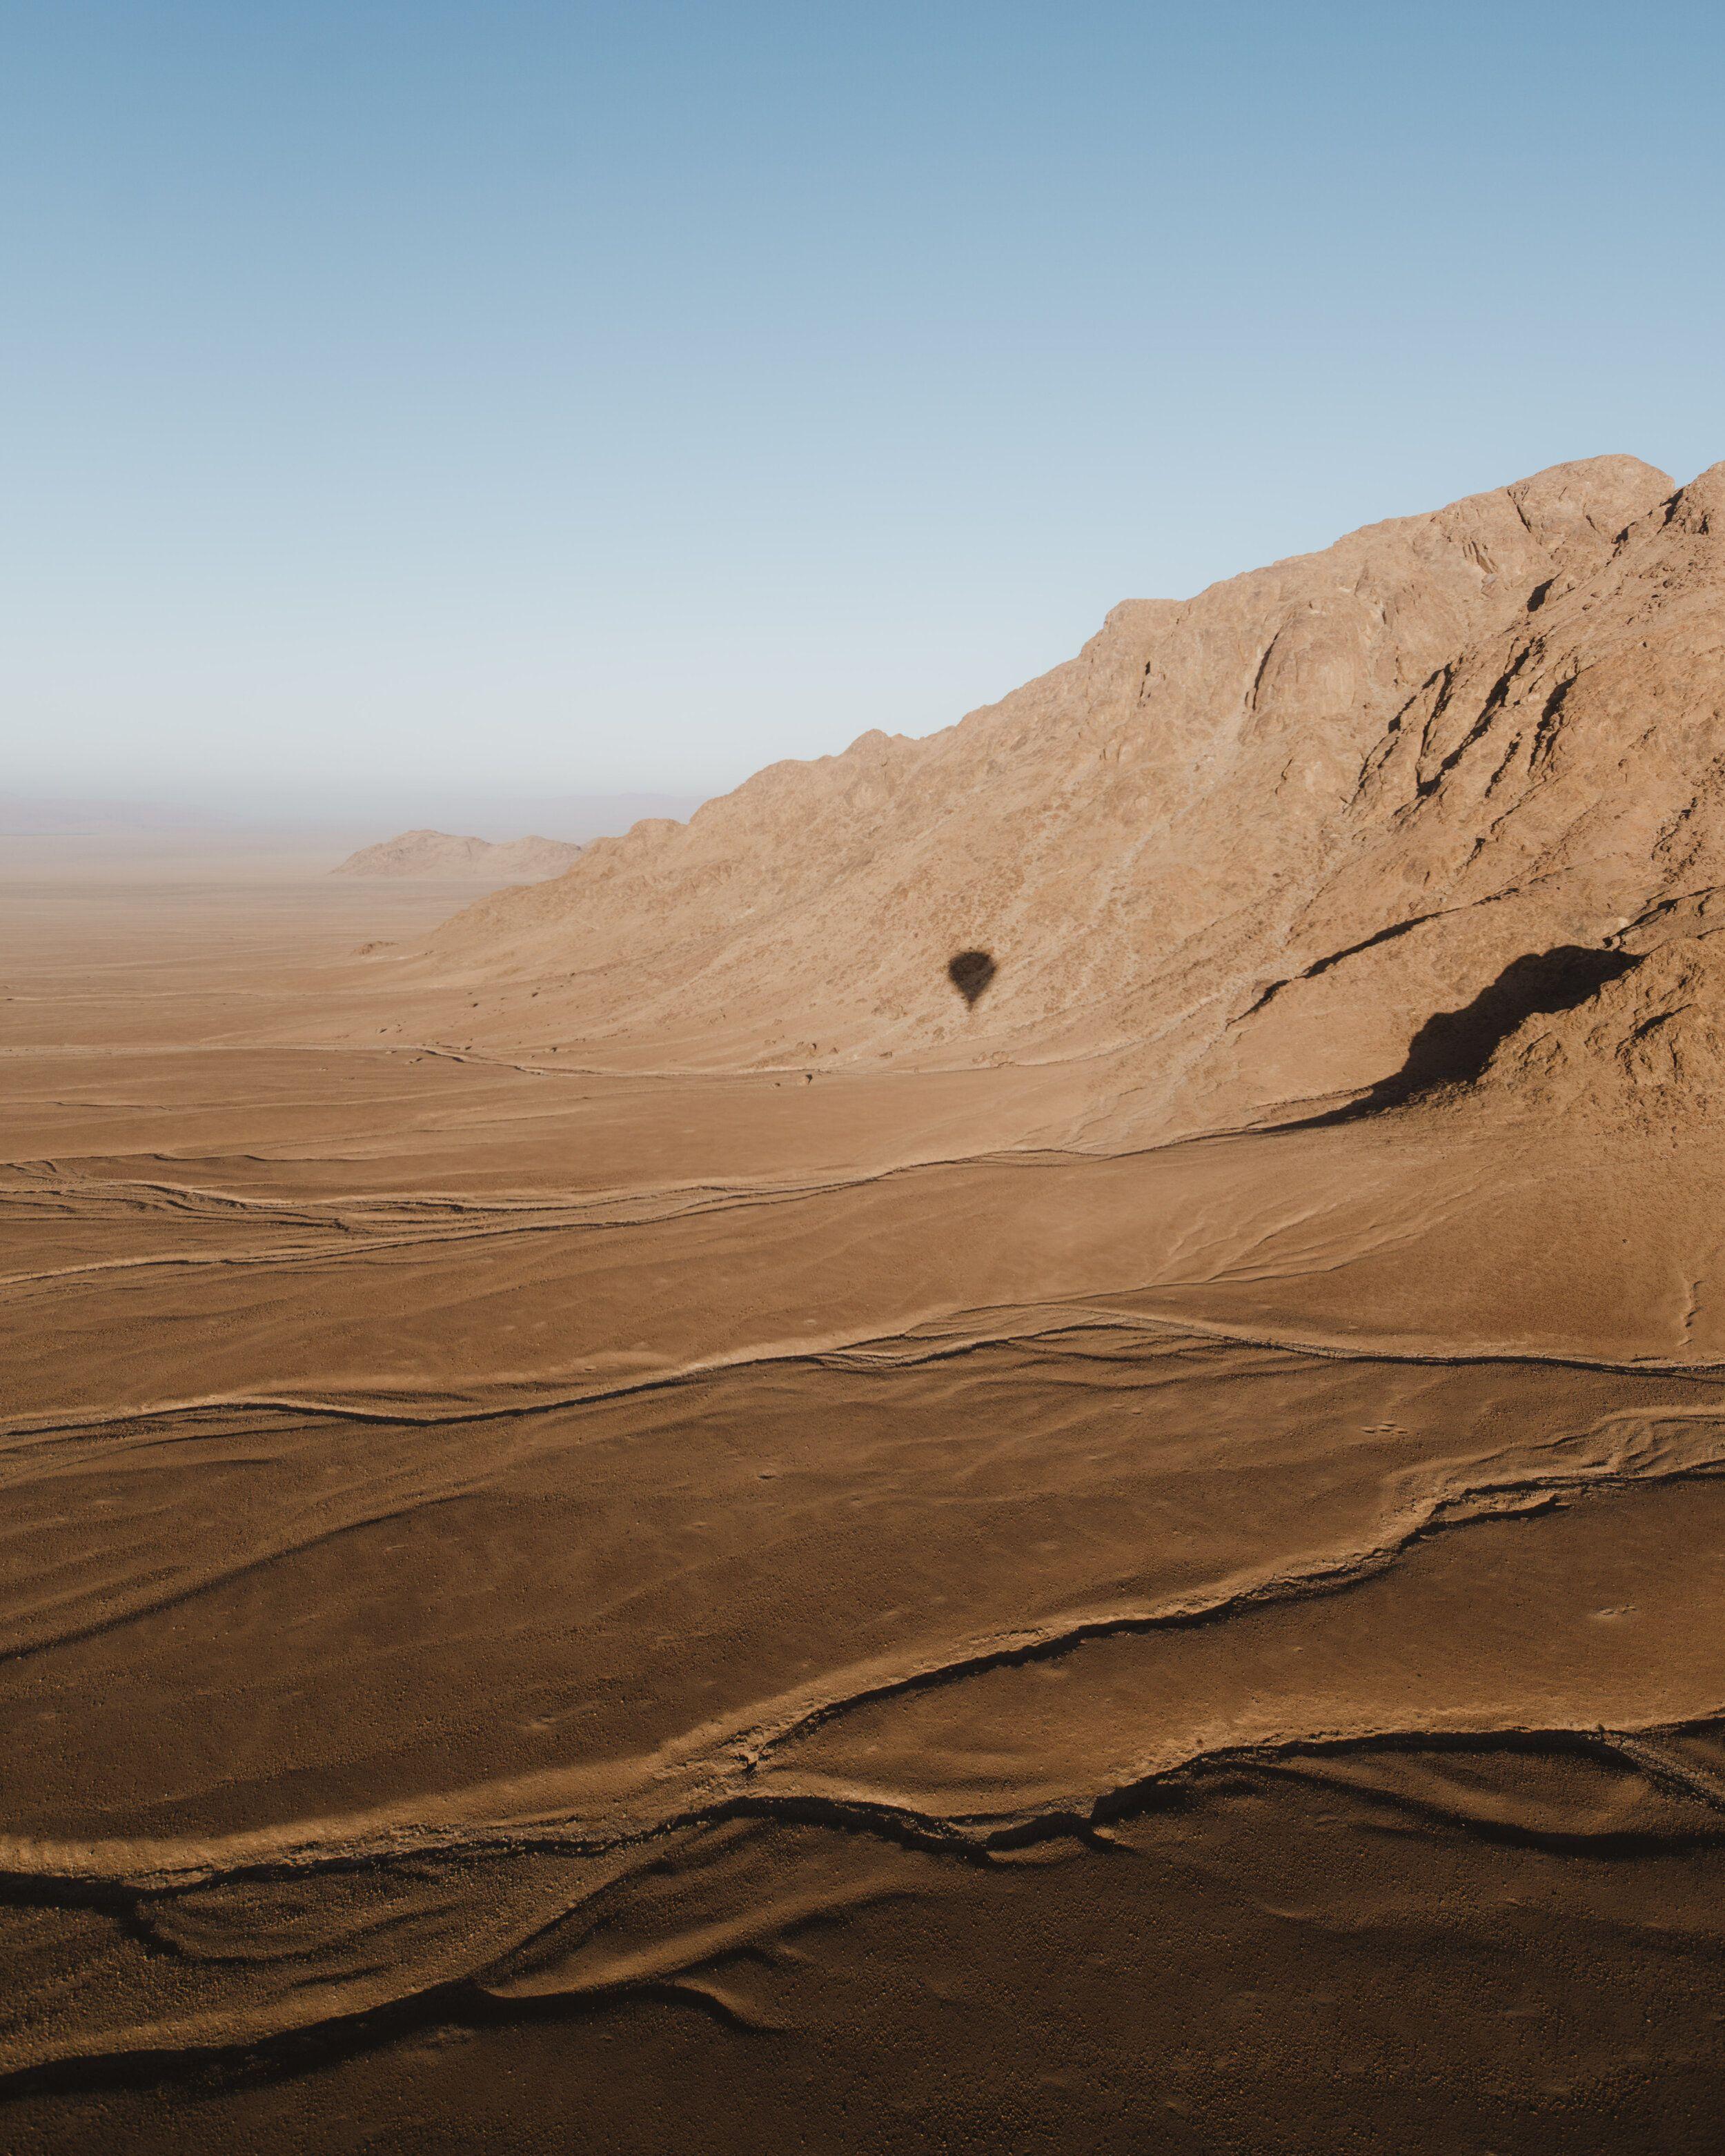 12DAY NAMIBIA ROAD TRIP ITINERARY — Mel Vandersluis in